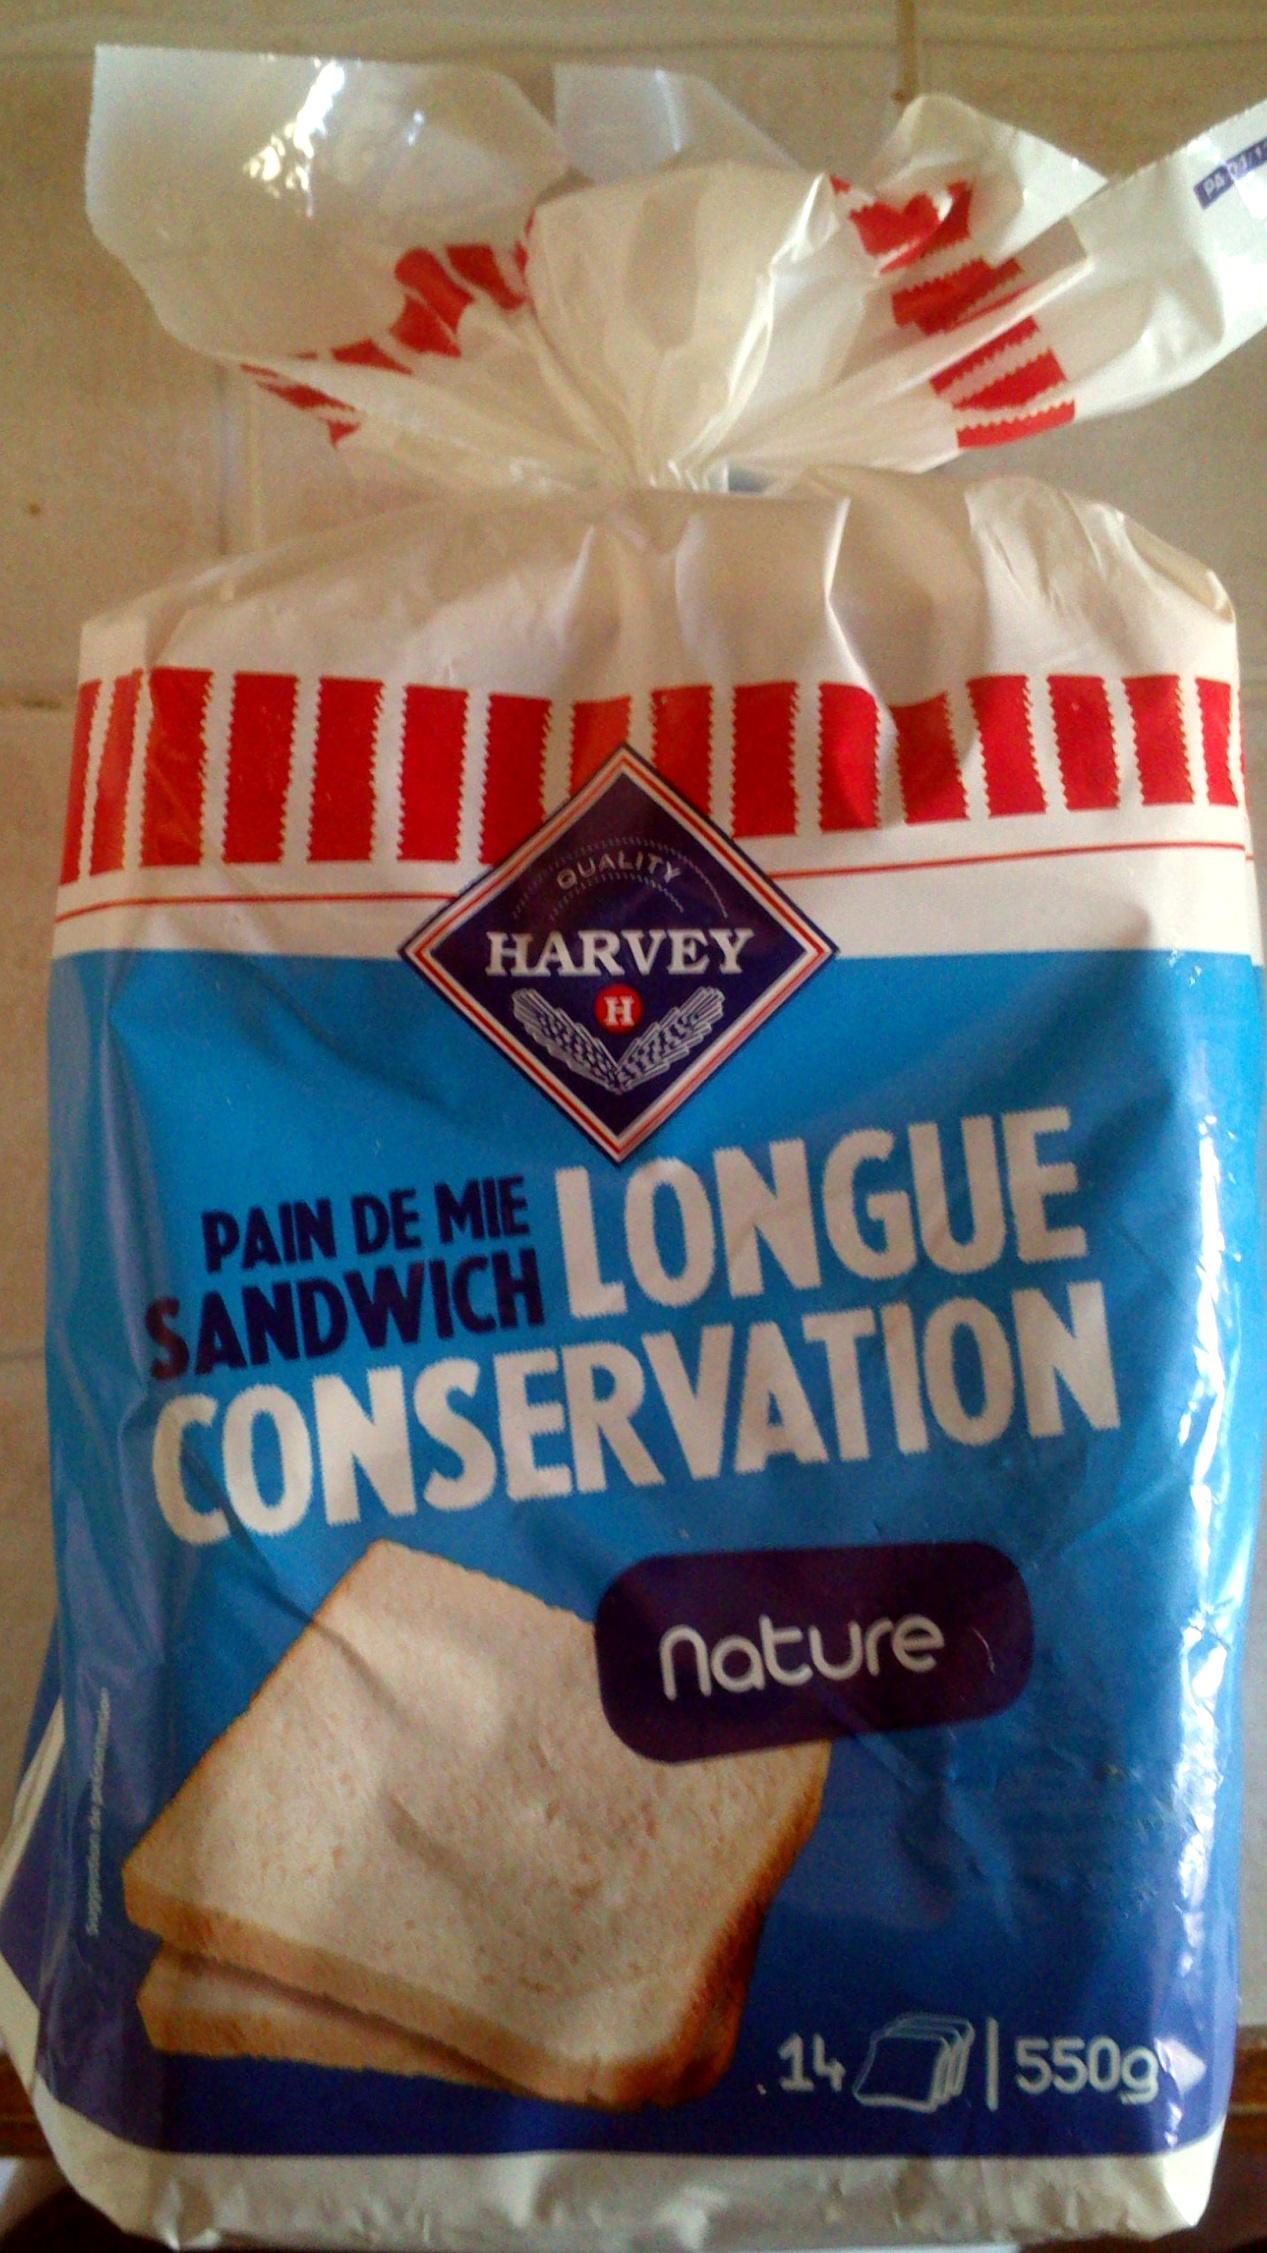 Pain de Mie Sandwich nature Longue Conservation (14 tranches) - Product - fr